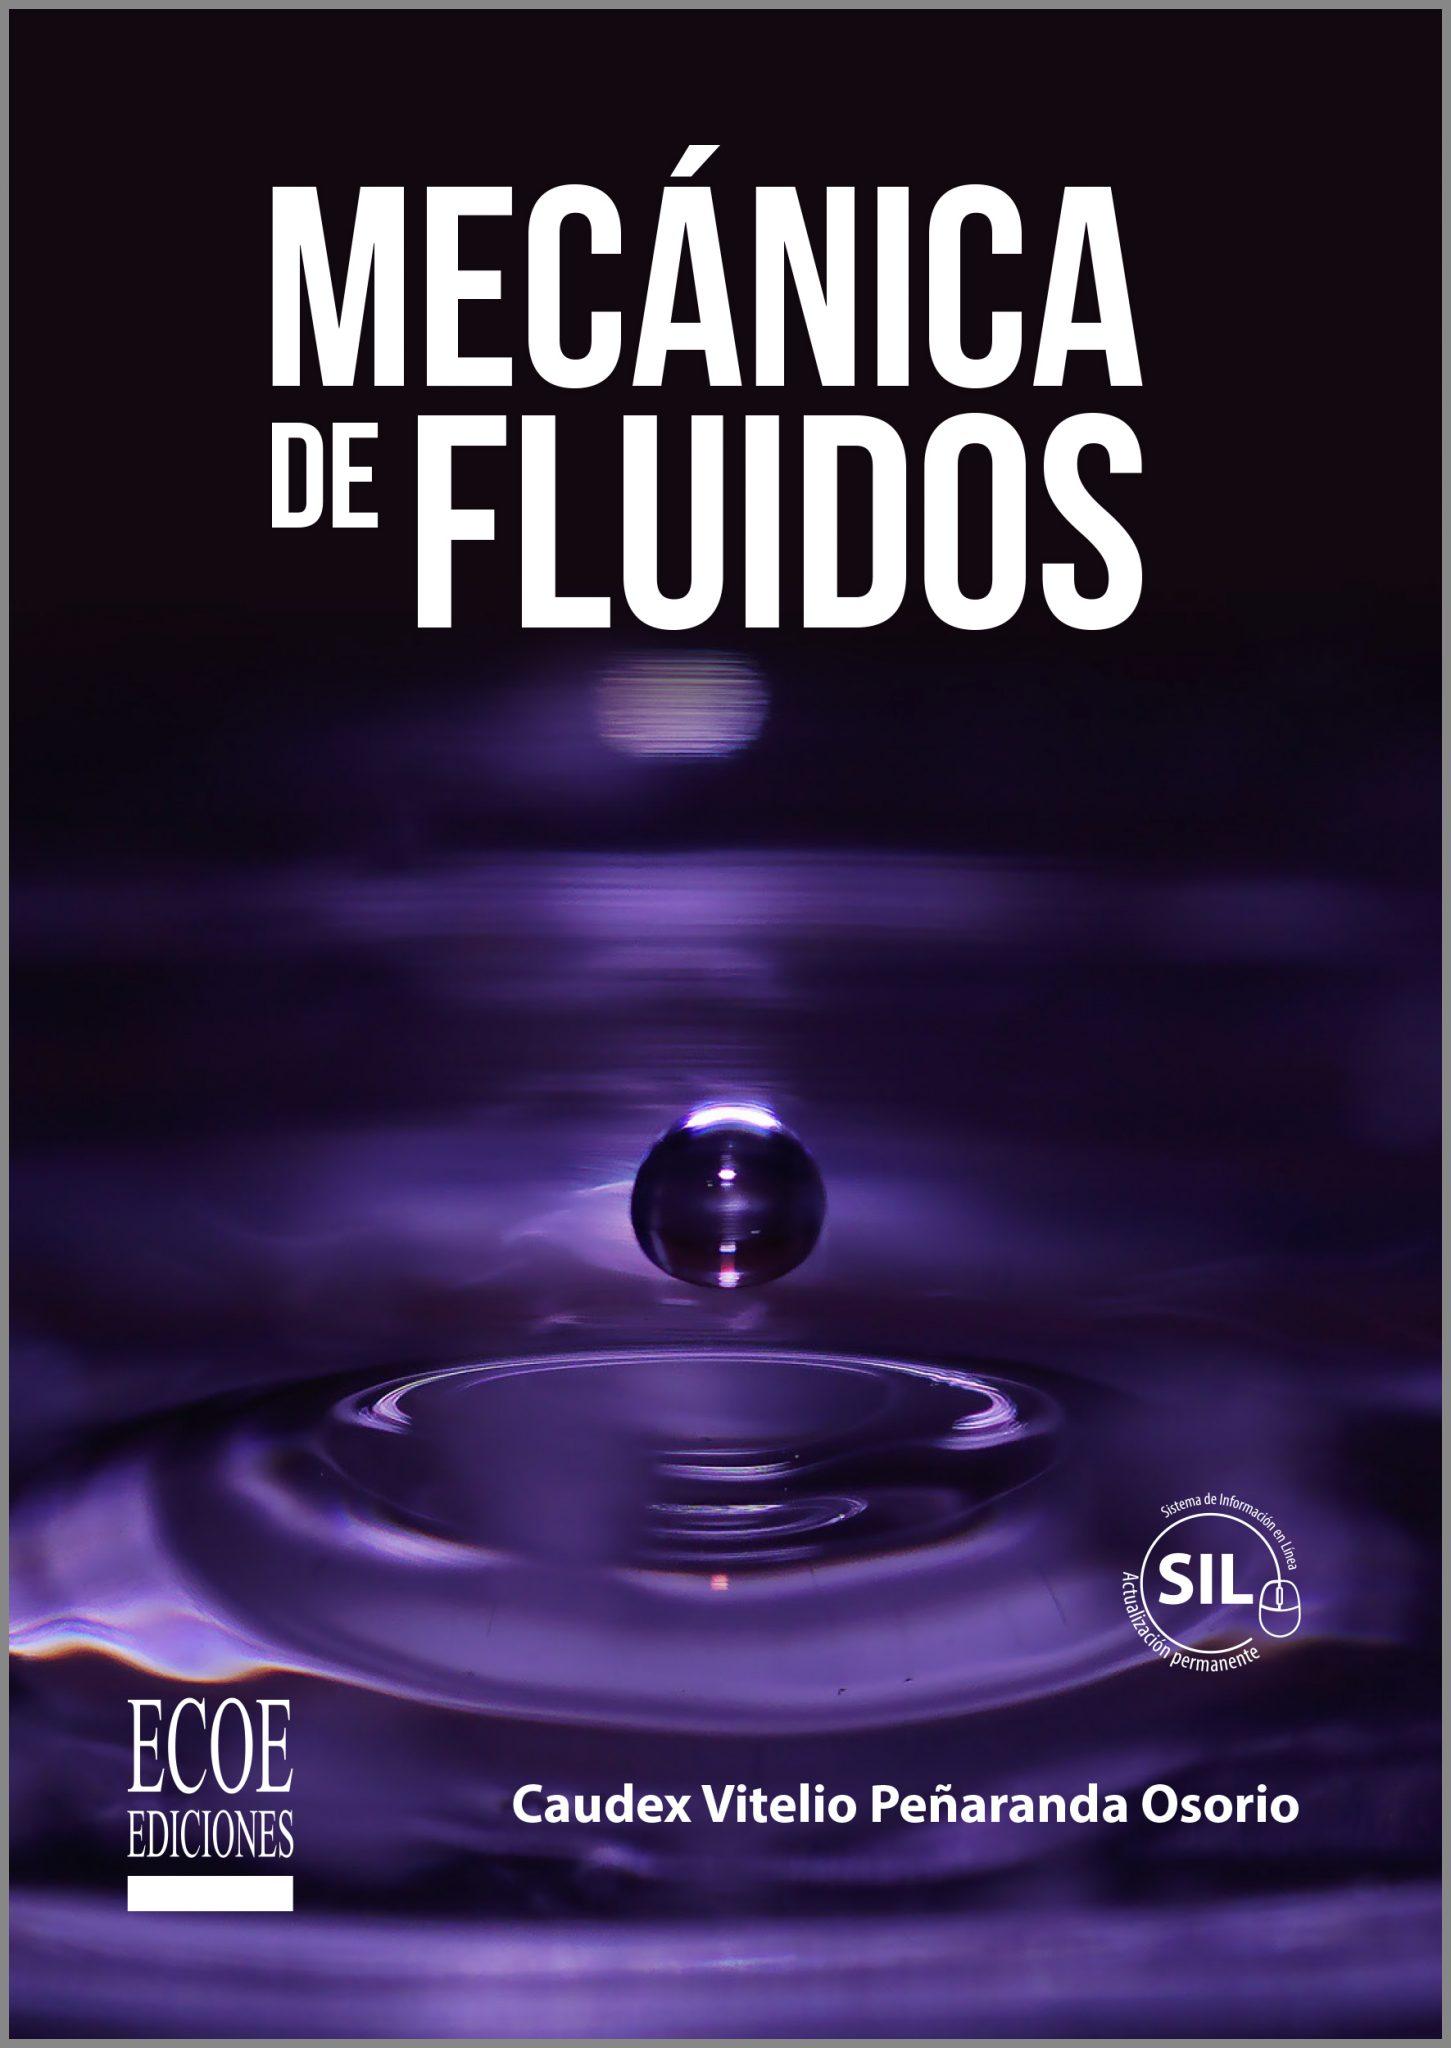 Mecánica de fluidos | Ecoe Ediciones